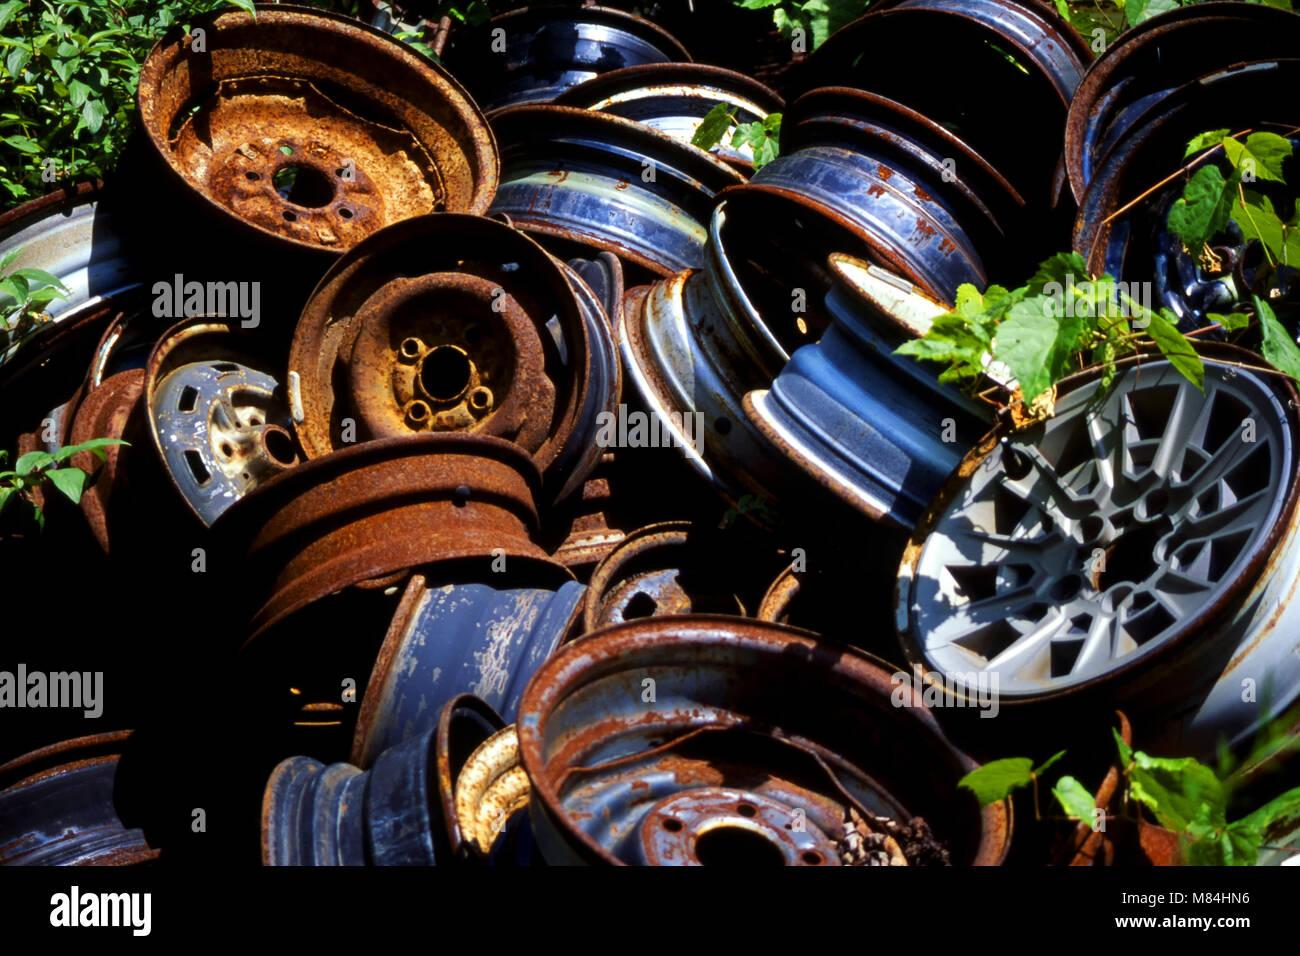 Wheel rims in pile at junkyard - Stock Image